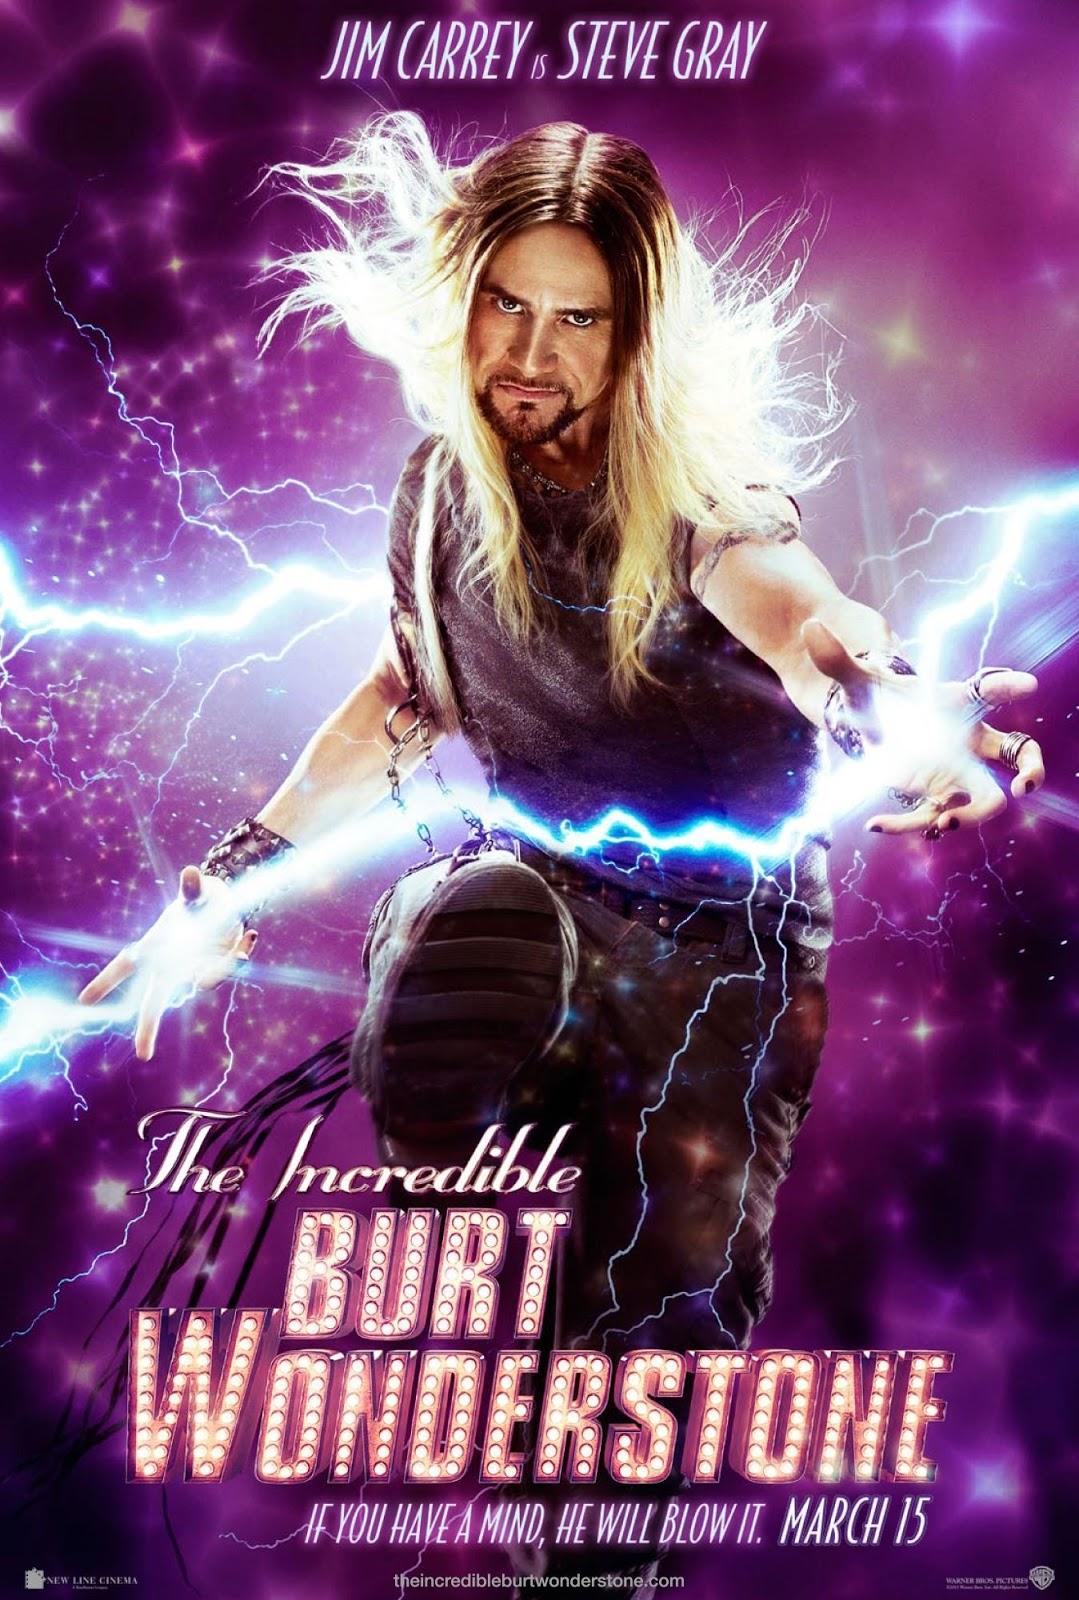 http://3.bp.blogspot.com/-LvVOqONzw7U/USiOE2b4YOI/AAAAAAAAy4c/SCqJHerZSJQ/s1600/The-Incredible-Burt-Wonderston-Poster-009.jpg